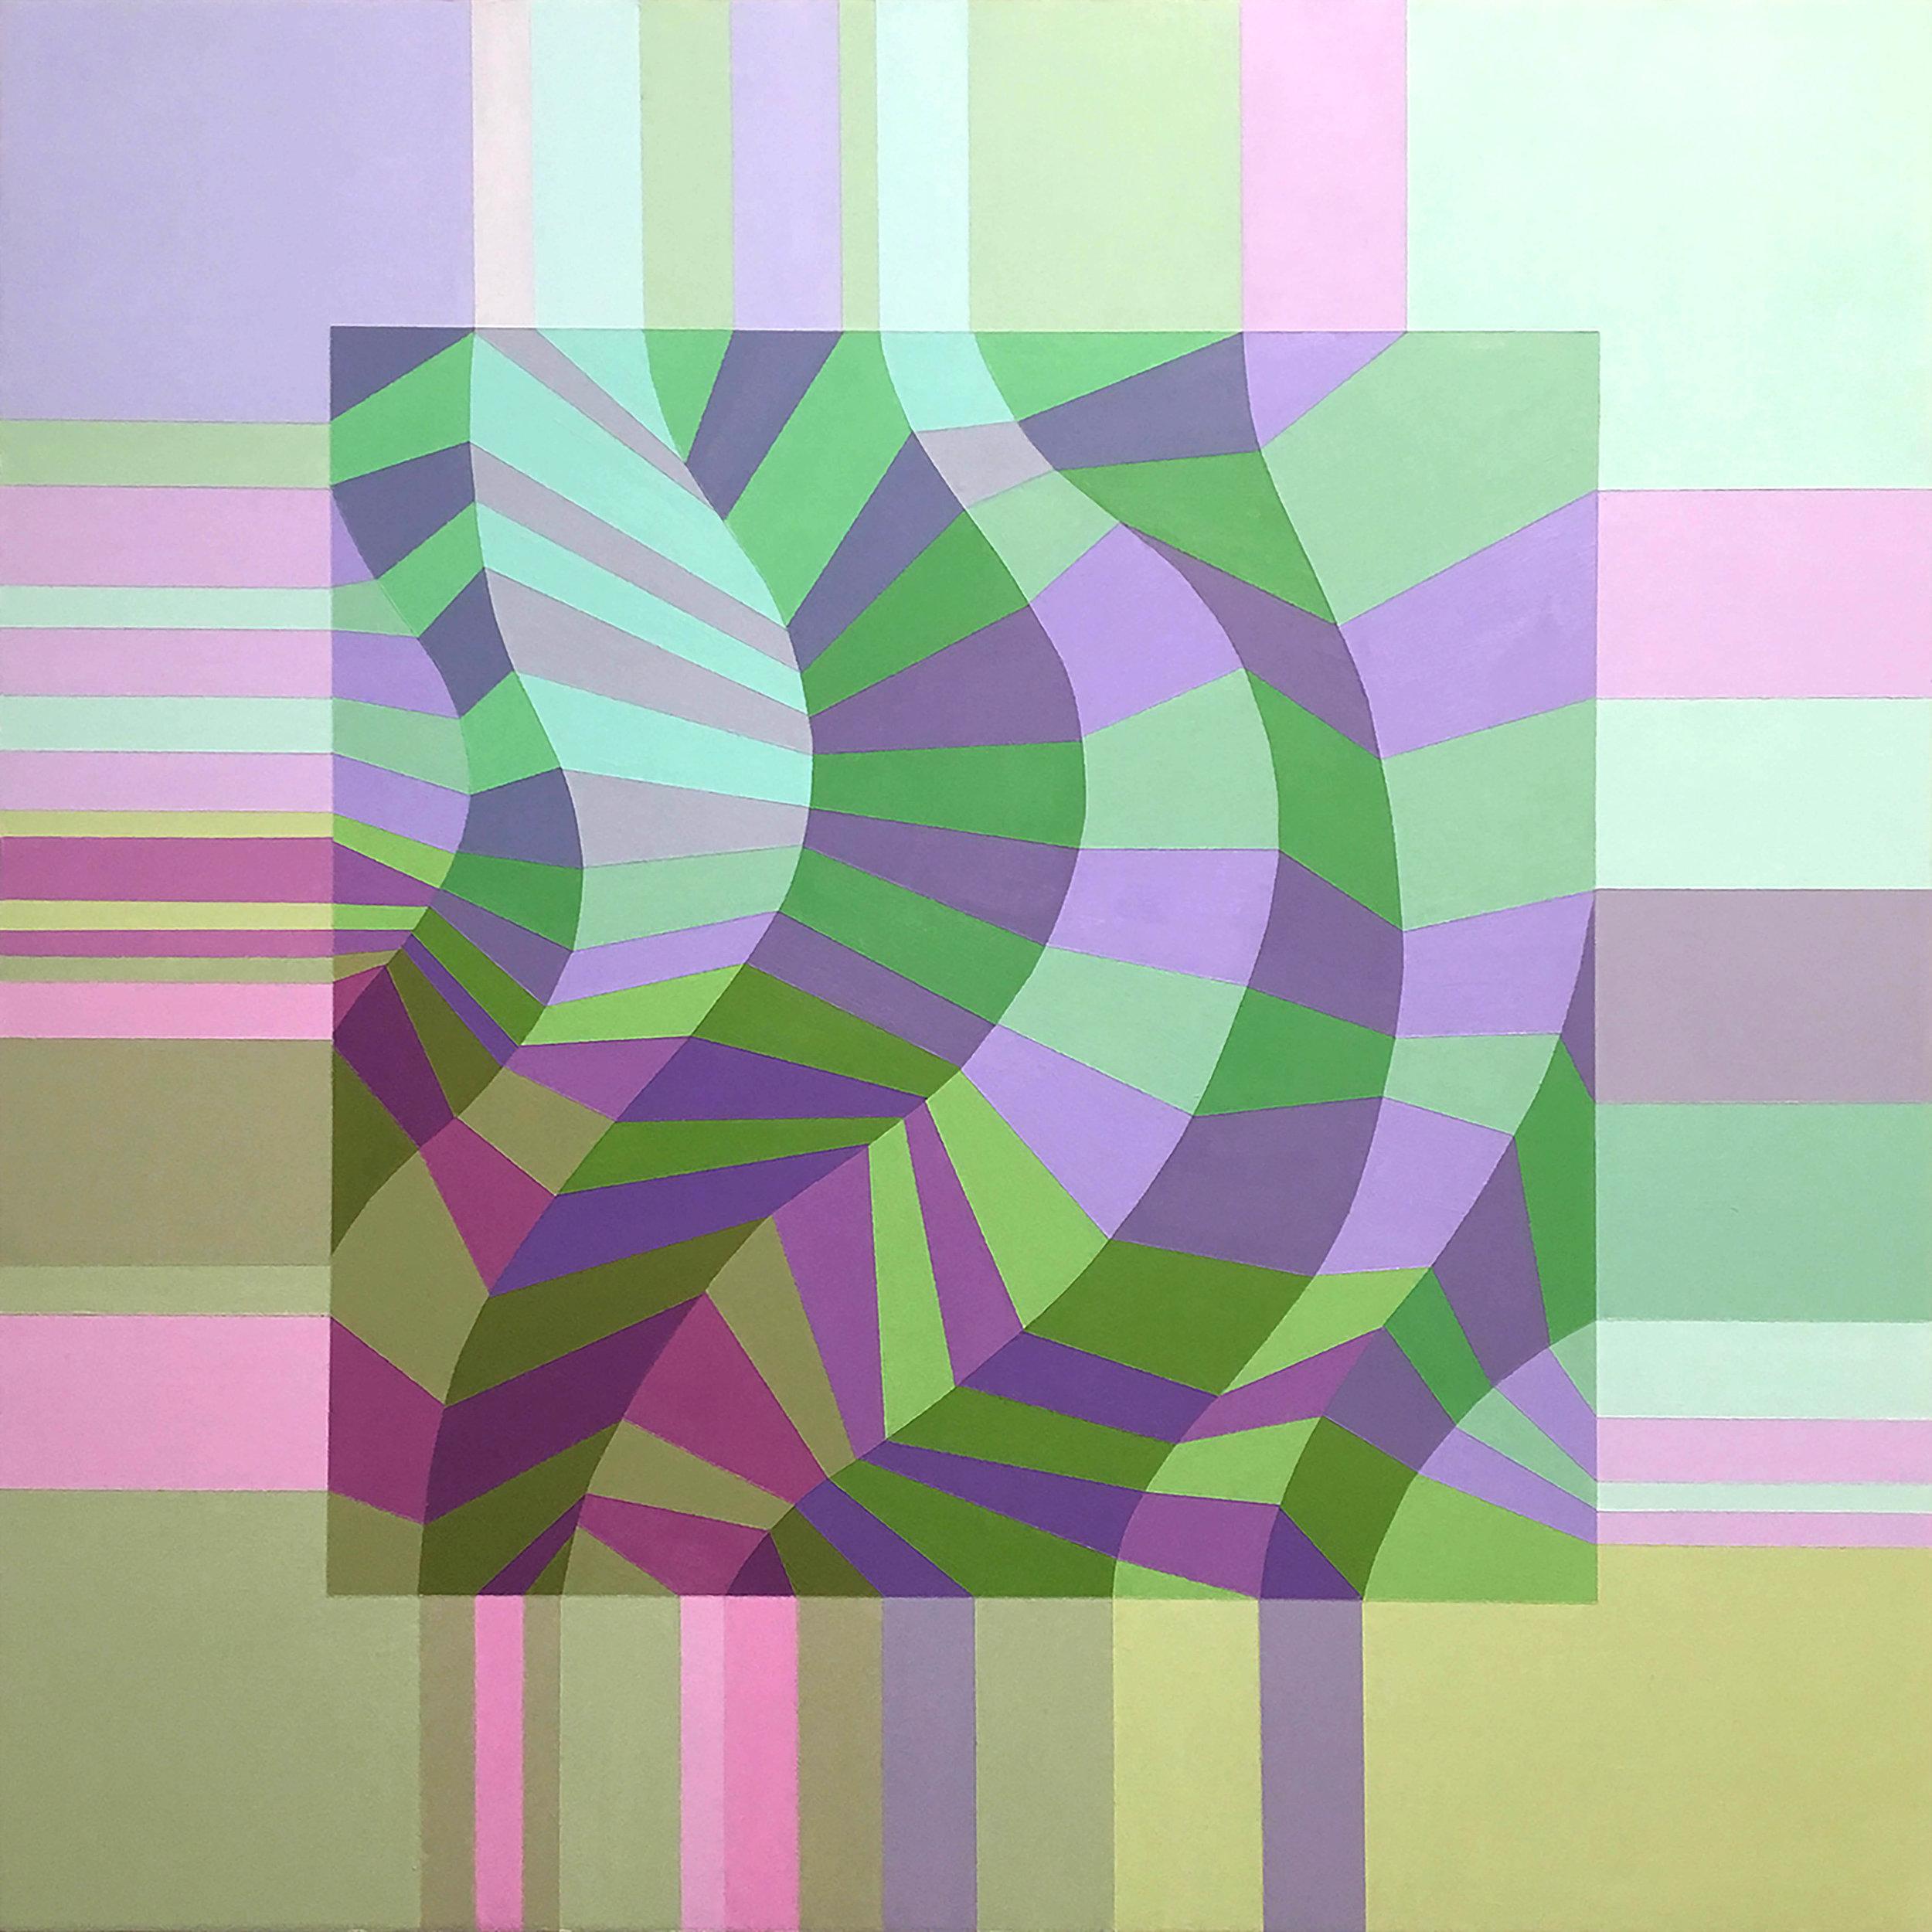 Wavy Squares 3